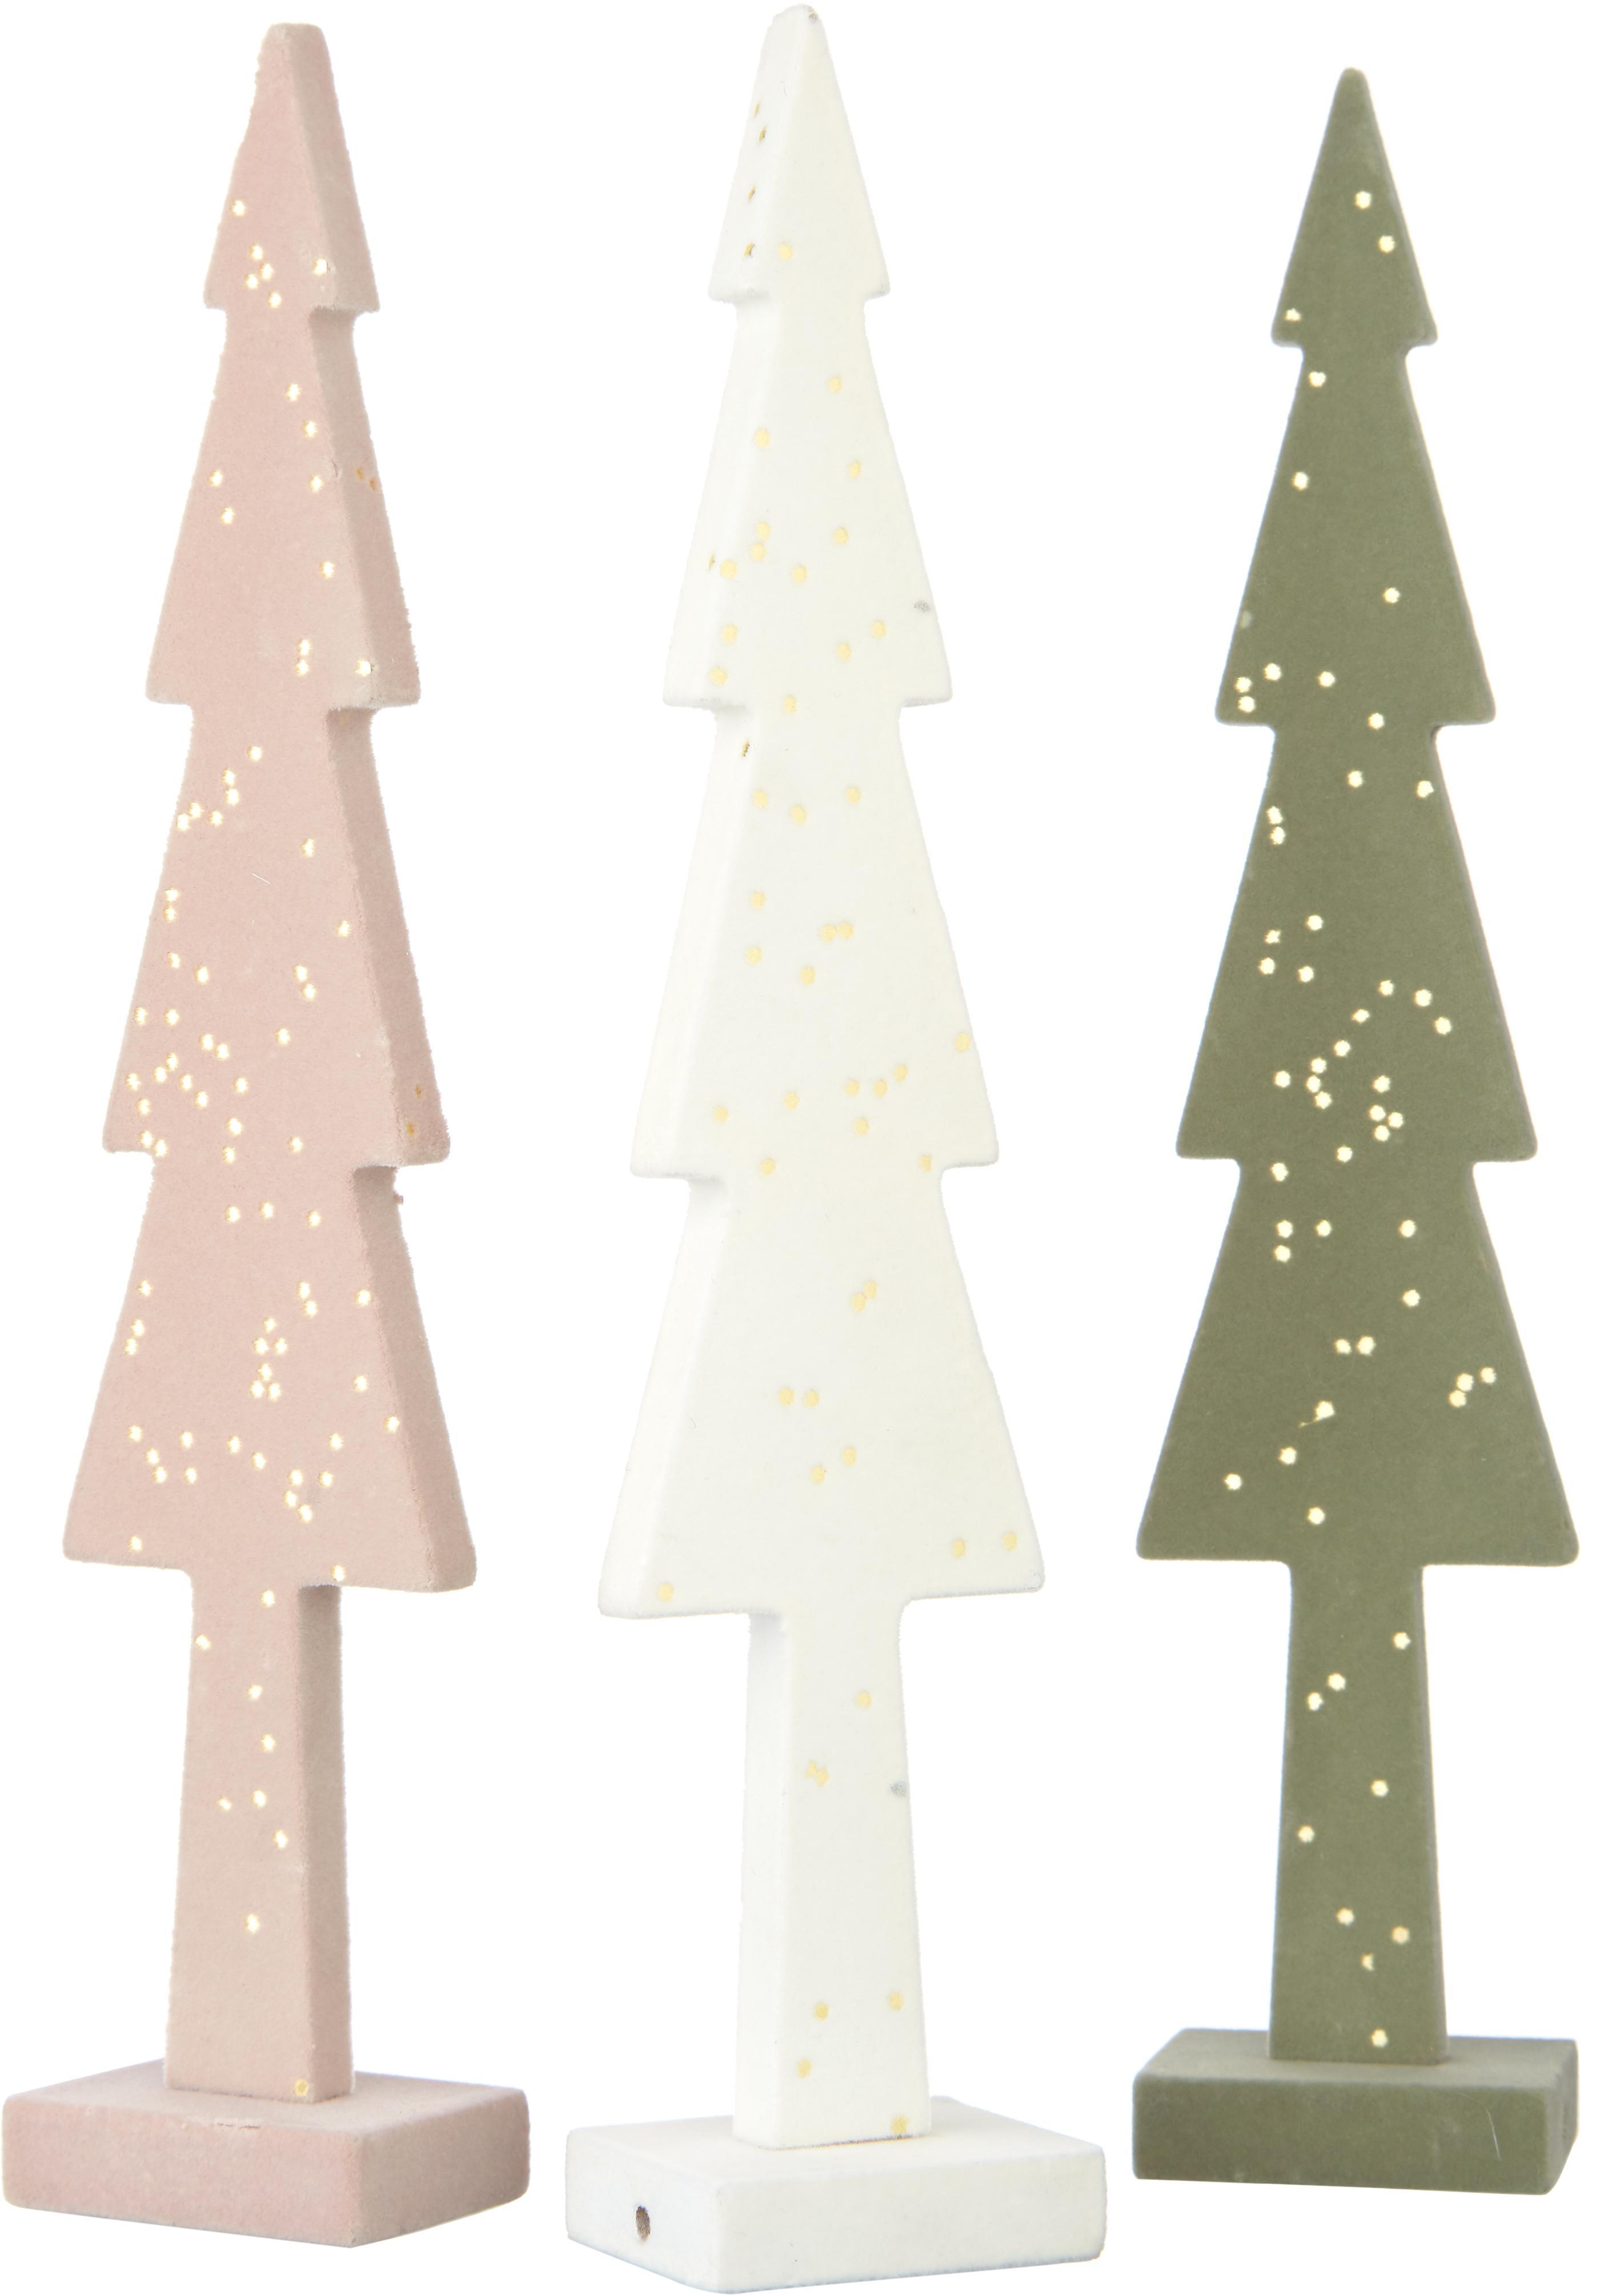 Deko-Objekte-Set Pasti, 3-tlg., Mitteldichte Holzfaserplatte (MDF), Textil, Weiss, Helles Rosa, Grün, 5 x 27 cm